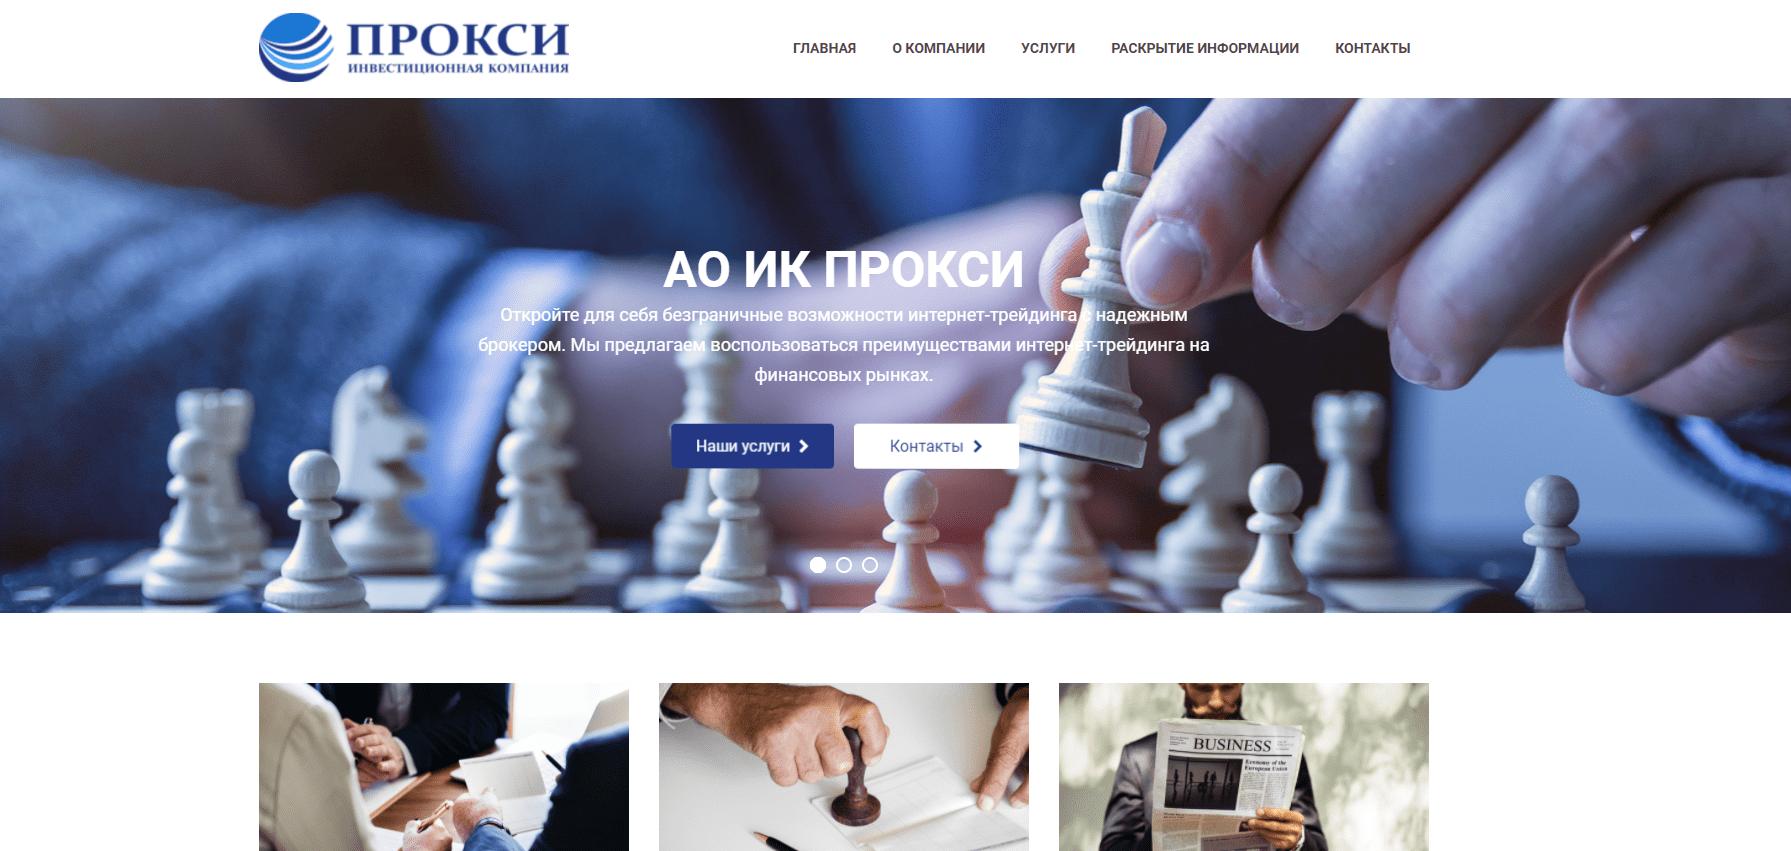 Официальный сайт инвестиционной компании «Прокси»